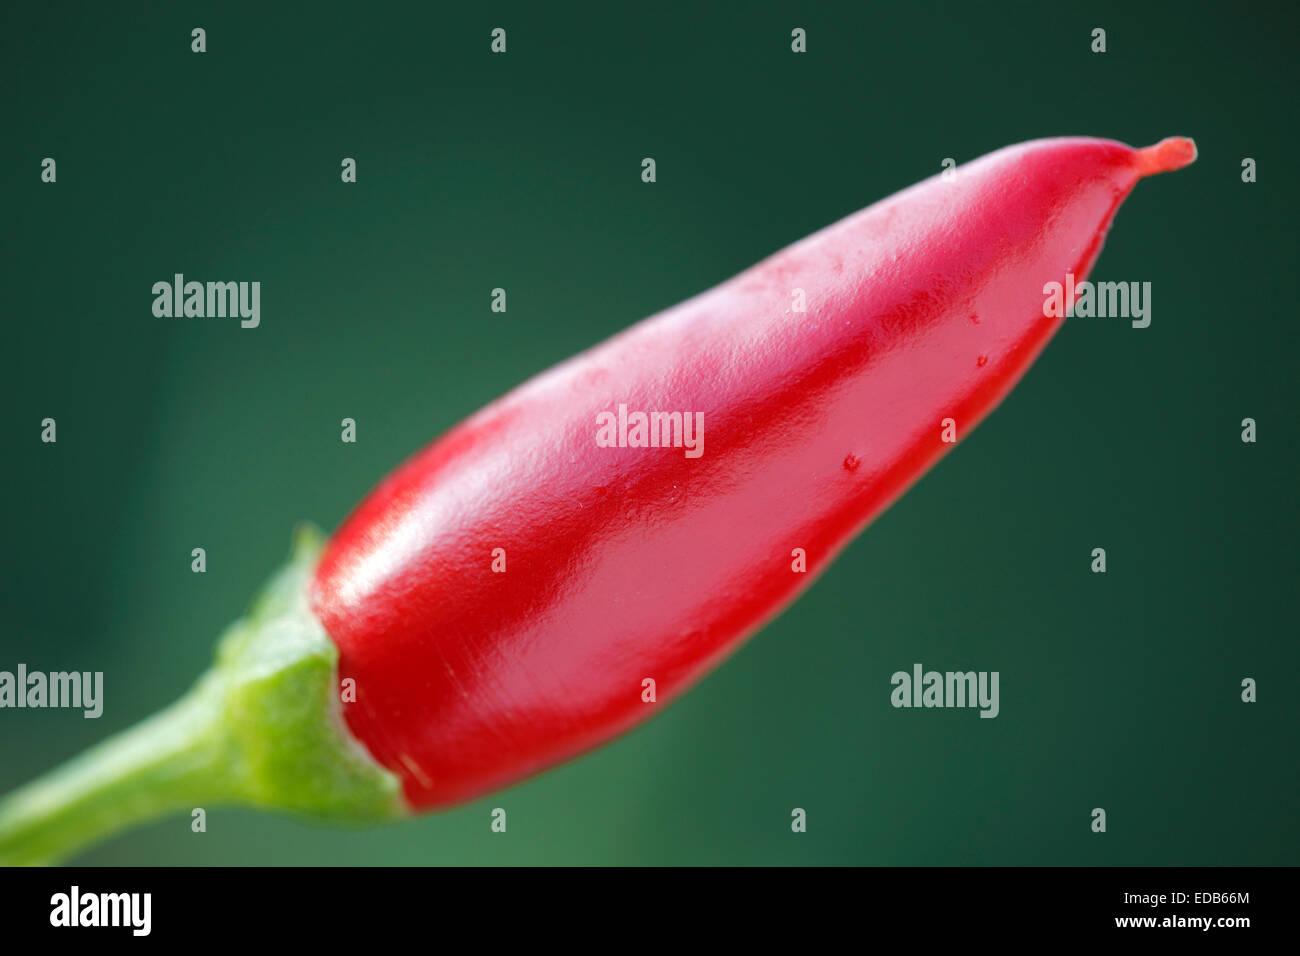 Red Hot Chili Peppers, Capsicum annuum - Stock Image